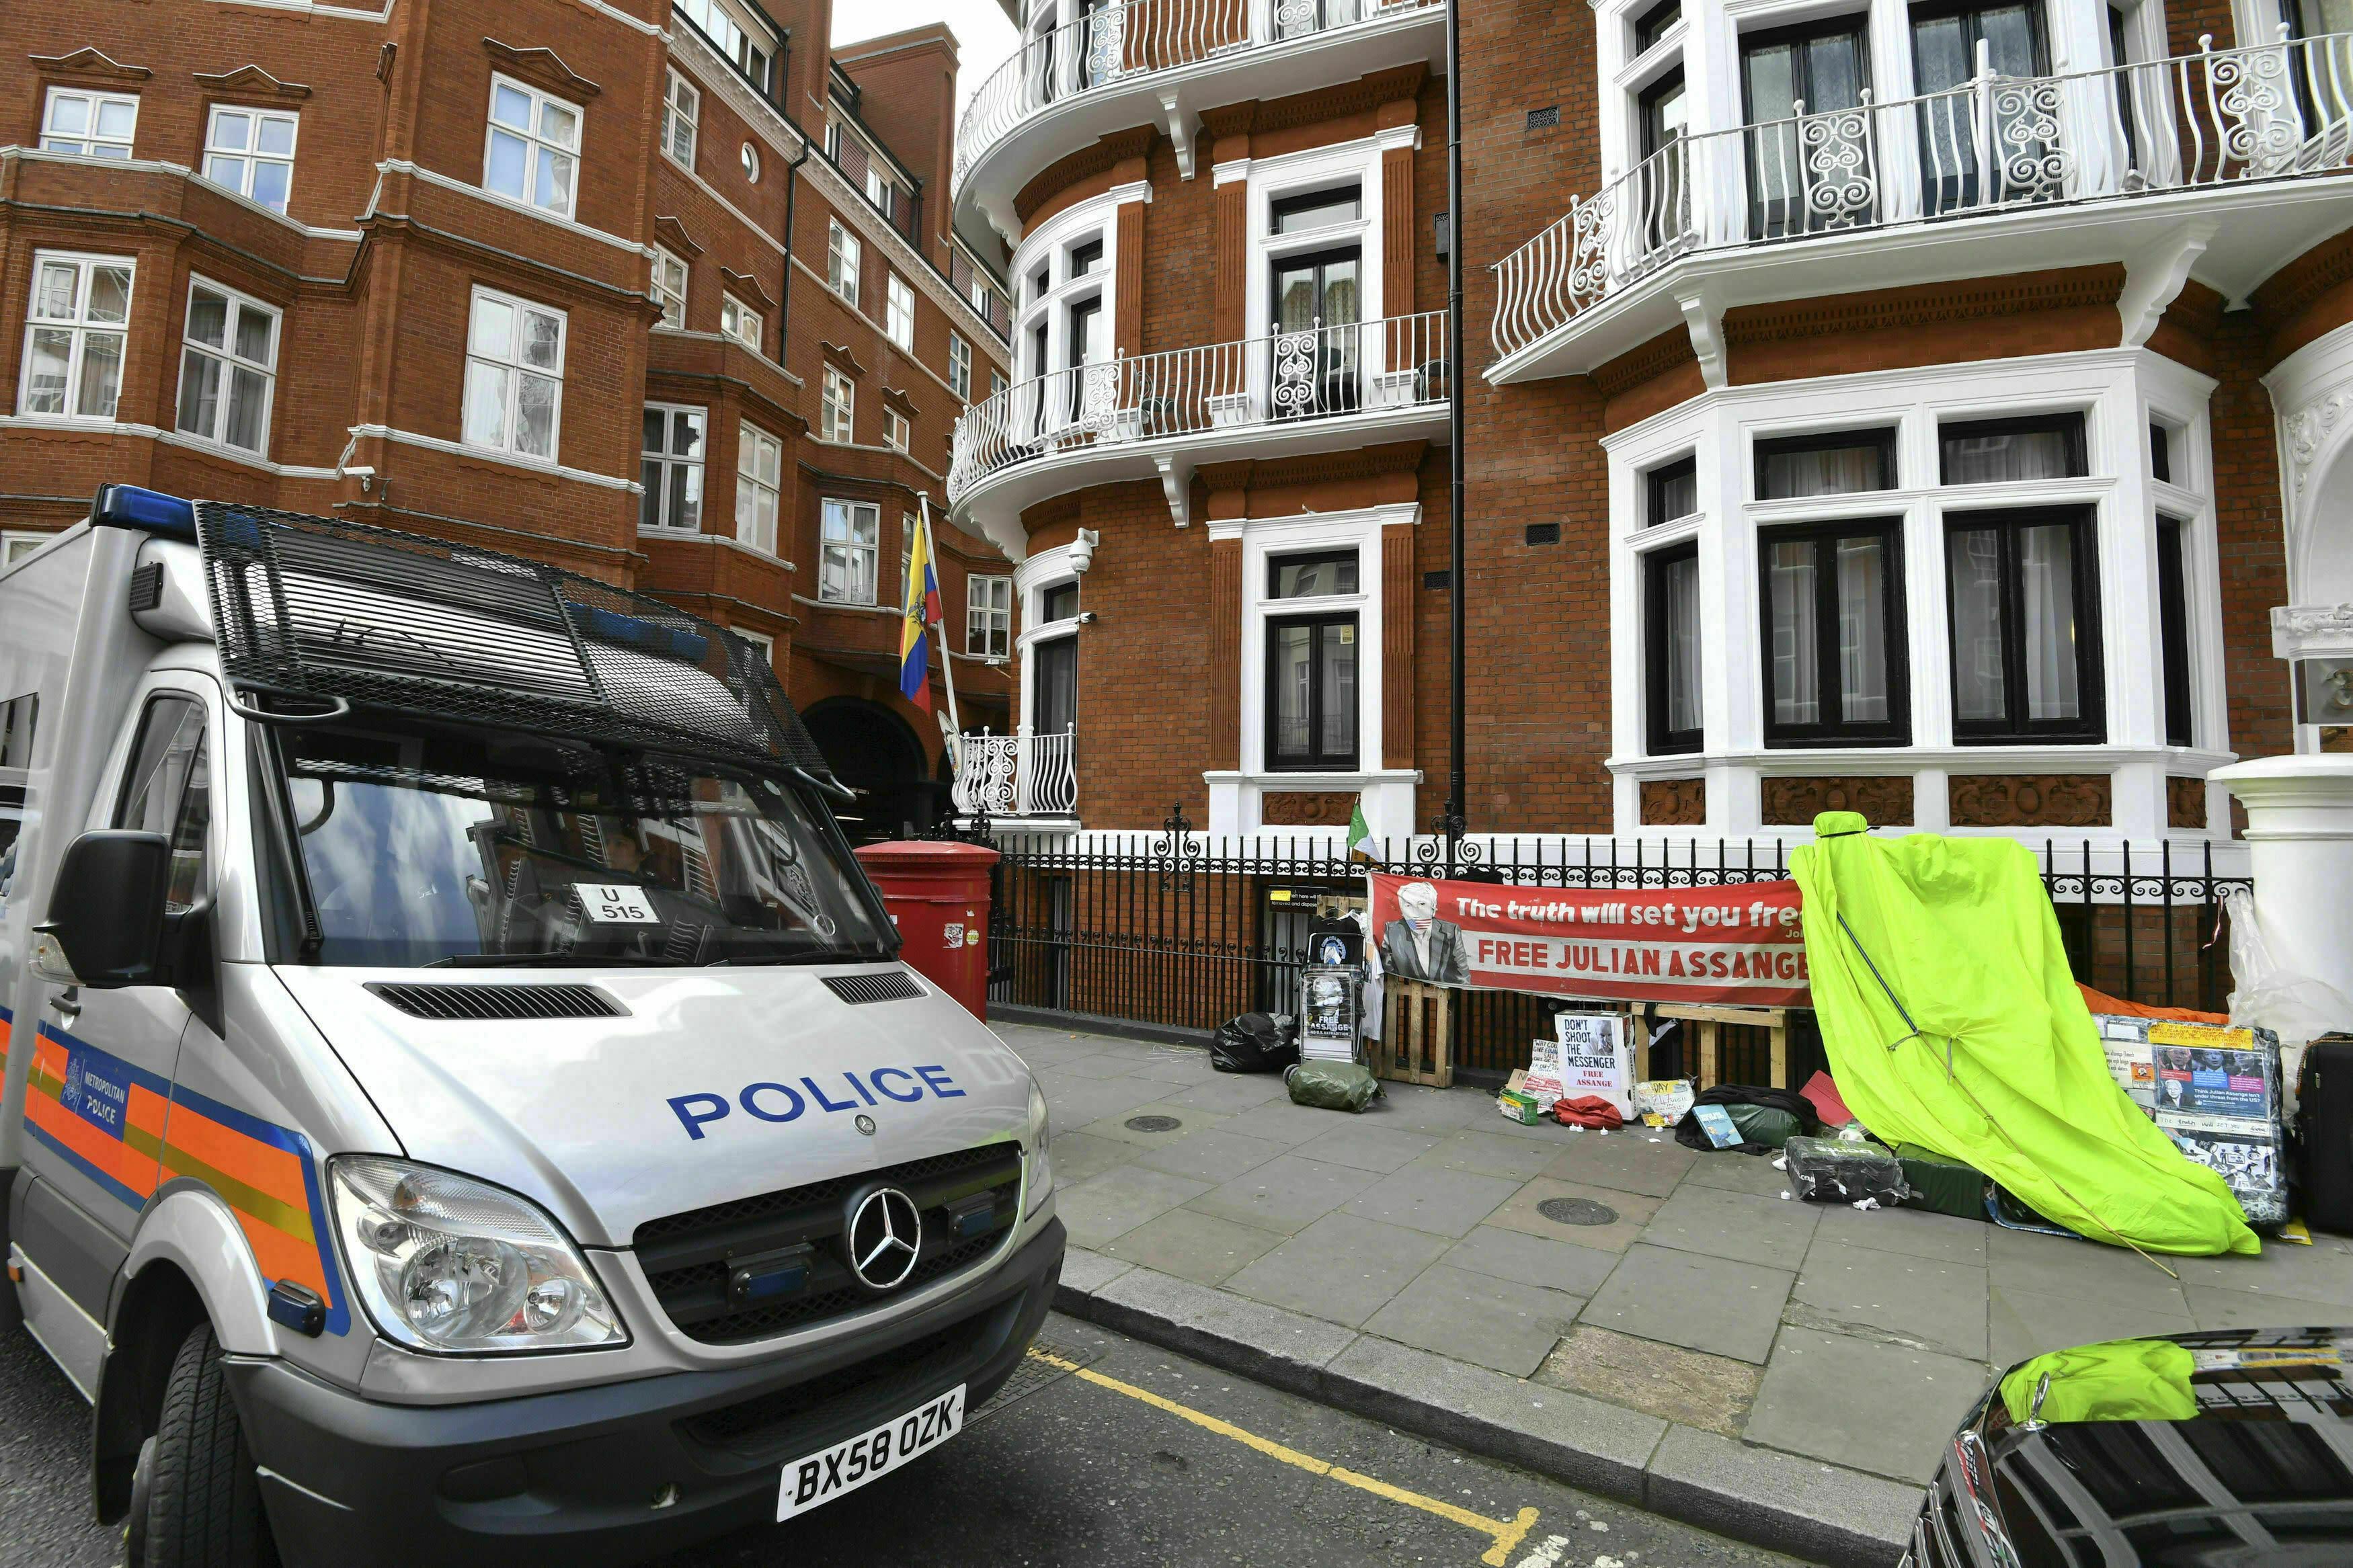 En la imagen, un vehículo policial estacionado en el exterior de la embajada de Ecuador en Londres tras la detención del fundador de WikiLeaks, Julian Assange, el 11 de abril de 2019. (John Stillwell/PA via AP)